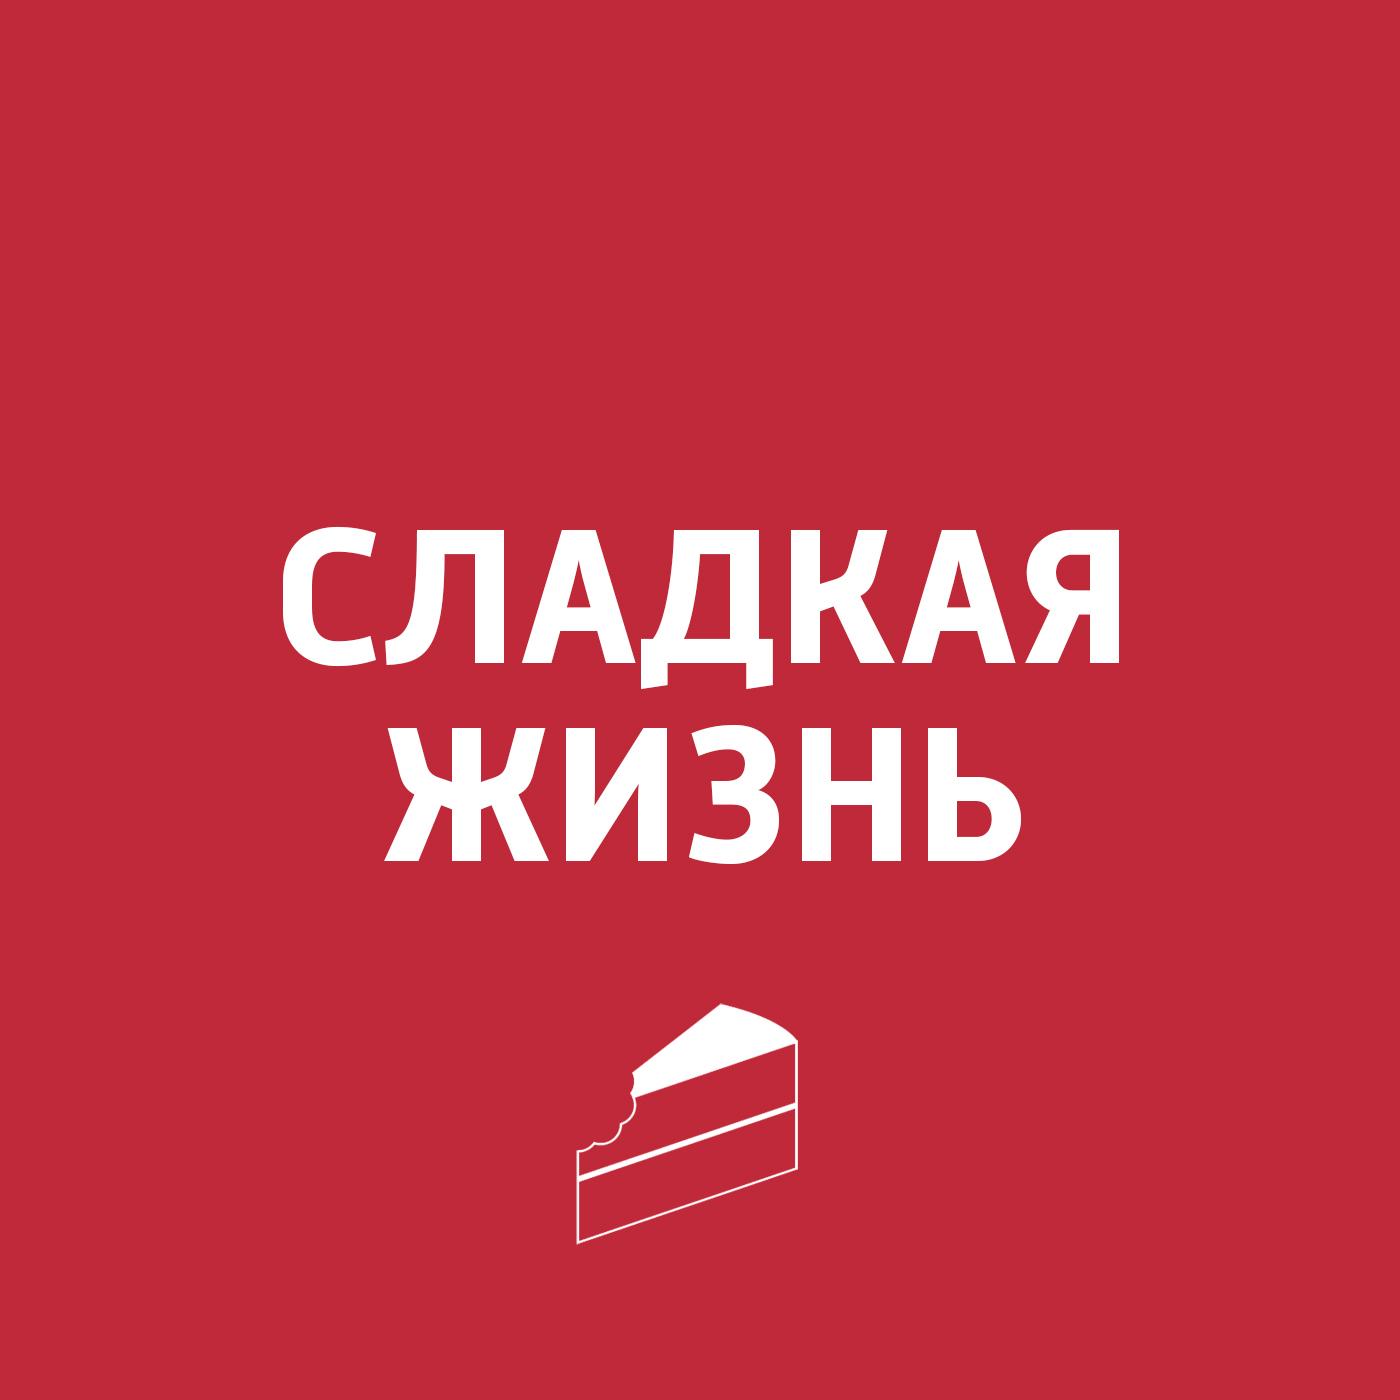 Картаев Павел Хлебный суп картаев павел гулабджамун